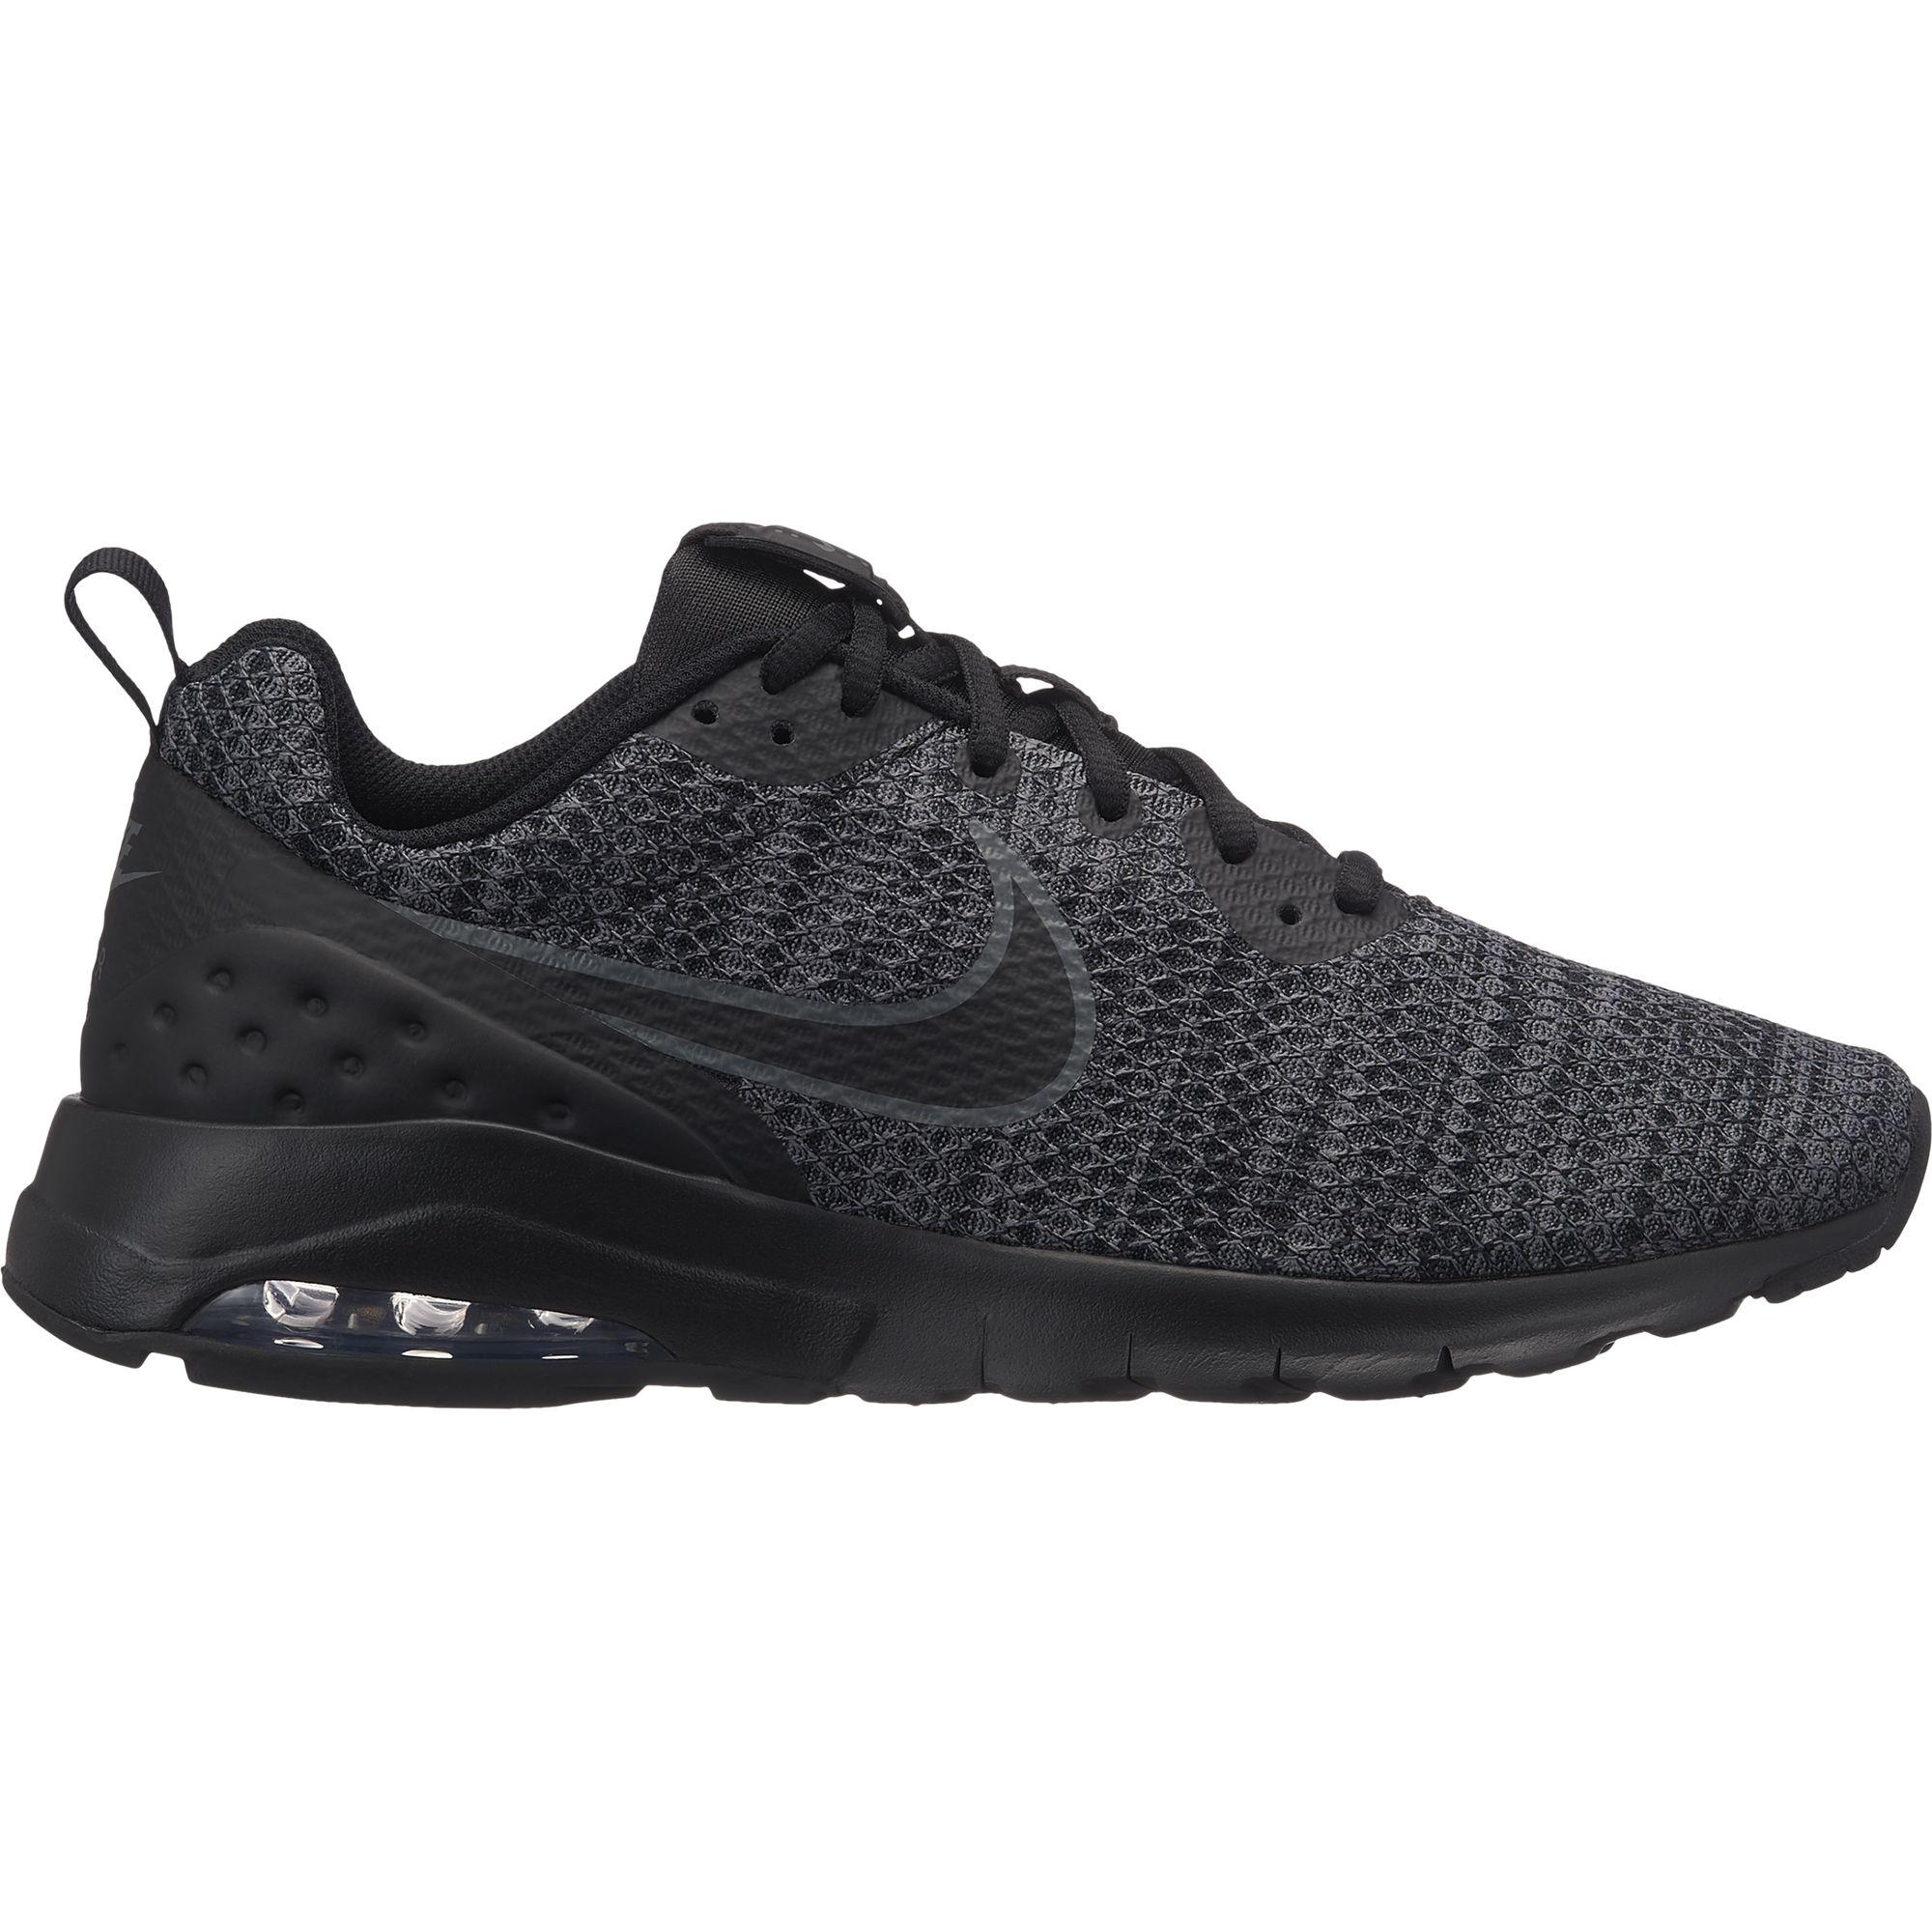 Nike Air Max Motion LW LE - Herren Sneaker Freizeitschuhe Turnschuhe - AO7410-002 schwarz